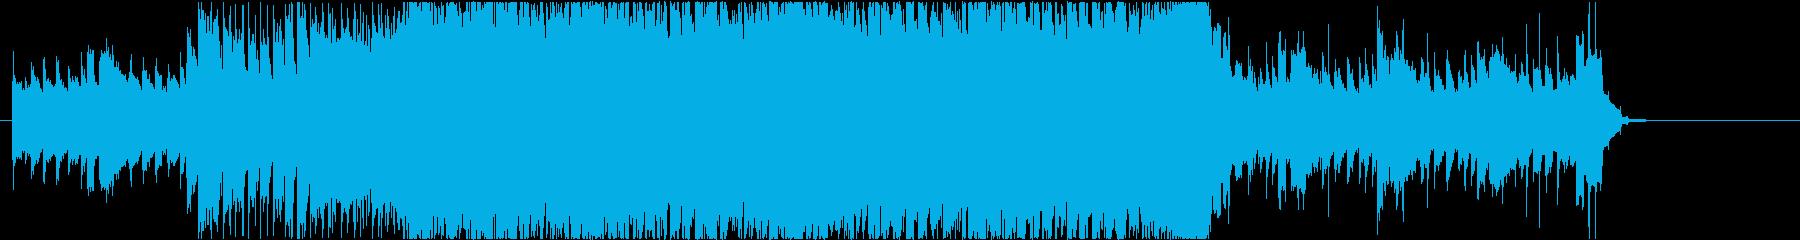 疾走感 爽やかなインスト曲の再生済みの波形